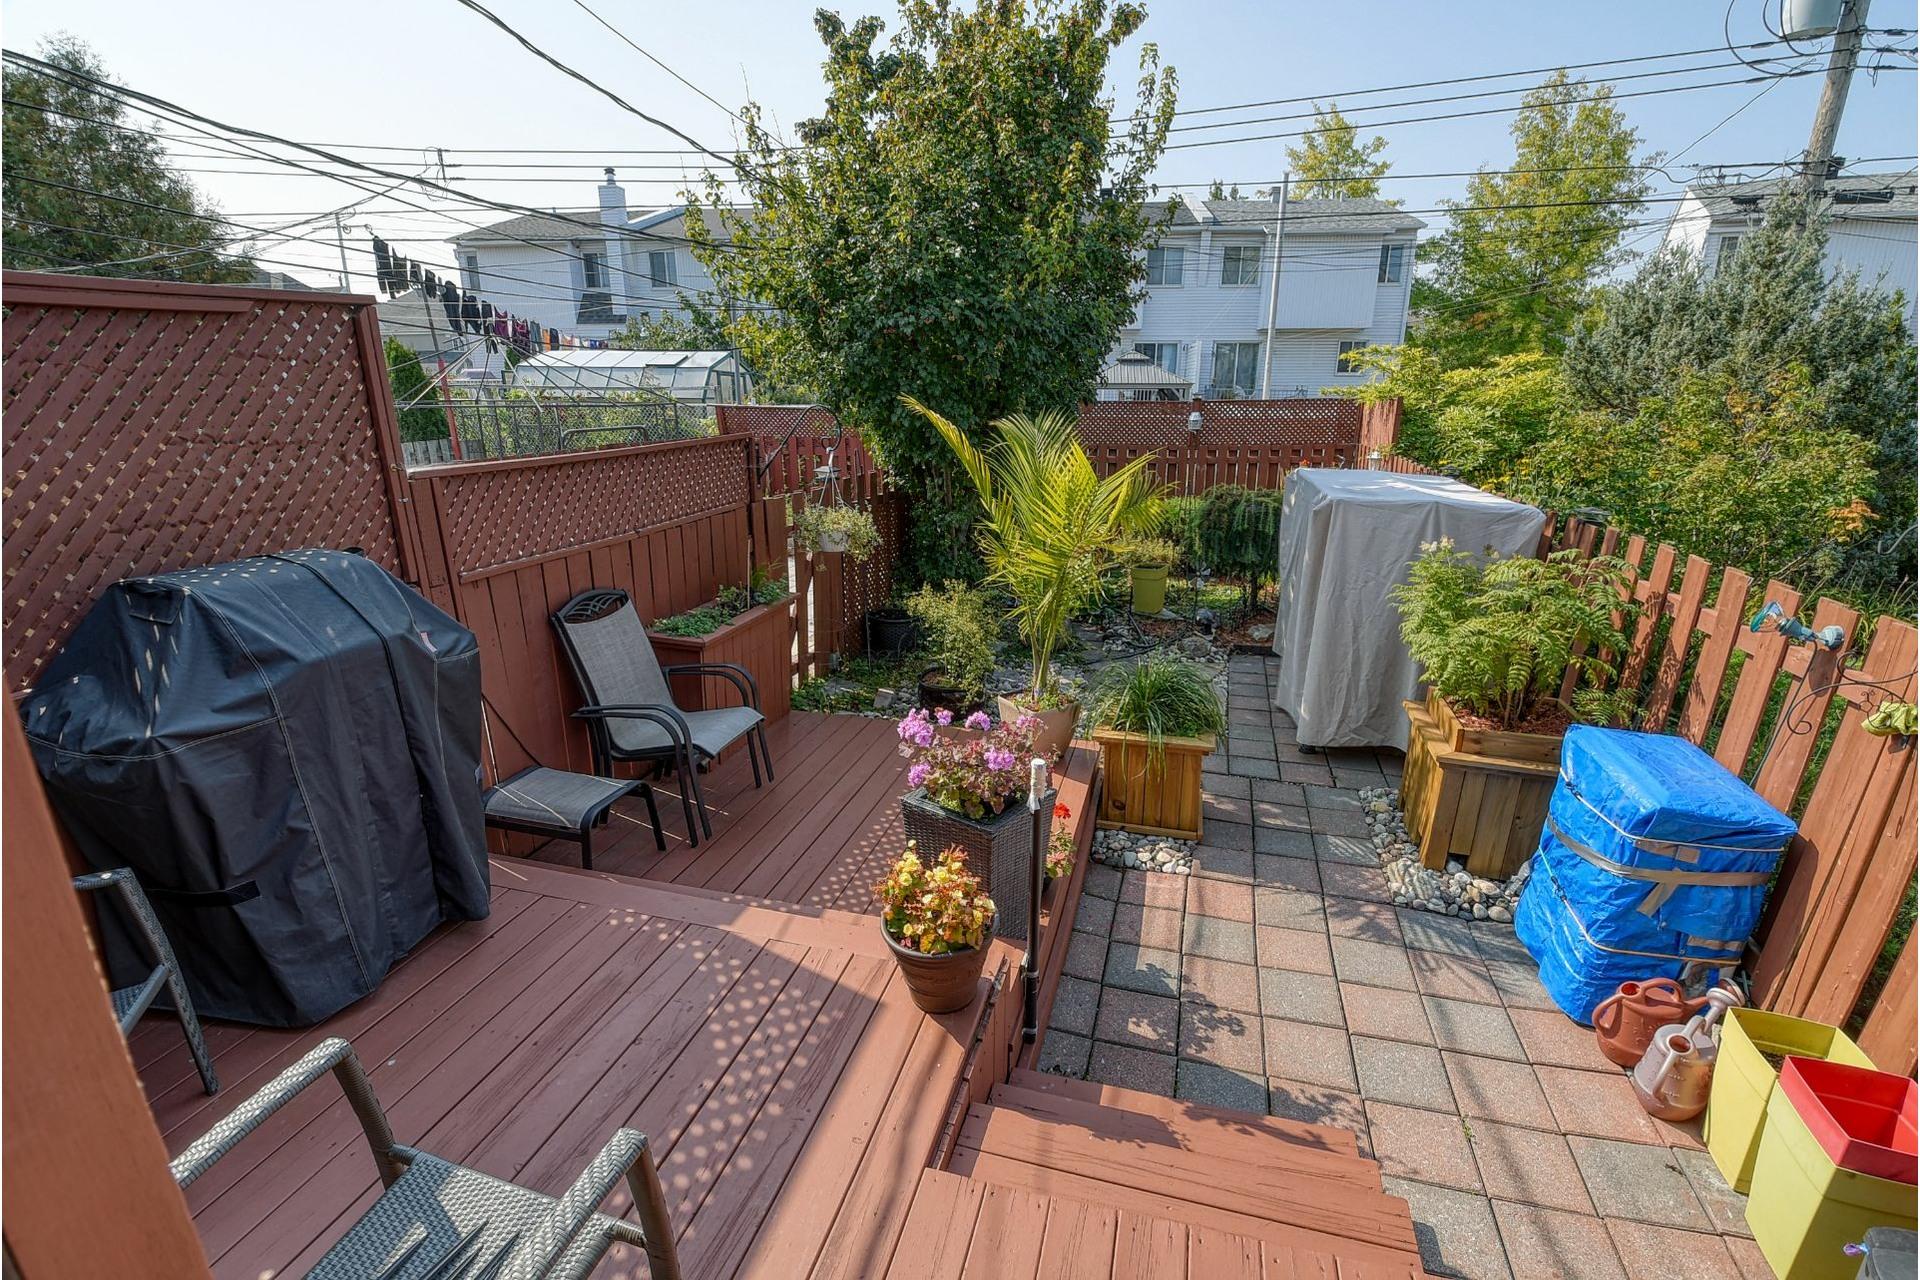 image 22 - House For sale Rivière-des-Prairies/Pointe-aux-Trembles Montréal  - 9 rooms